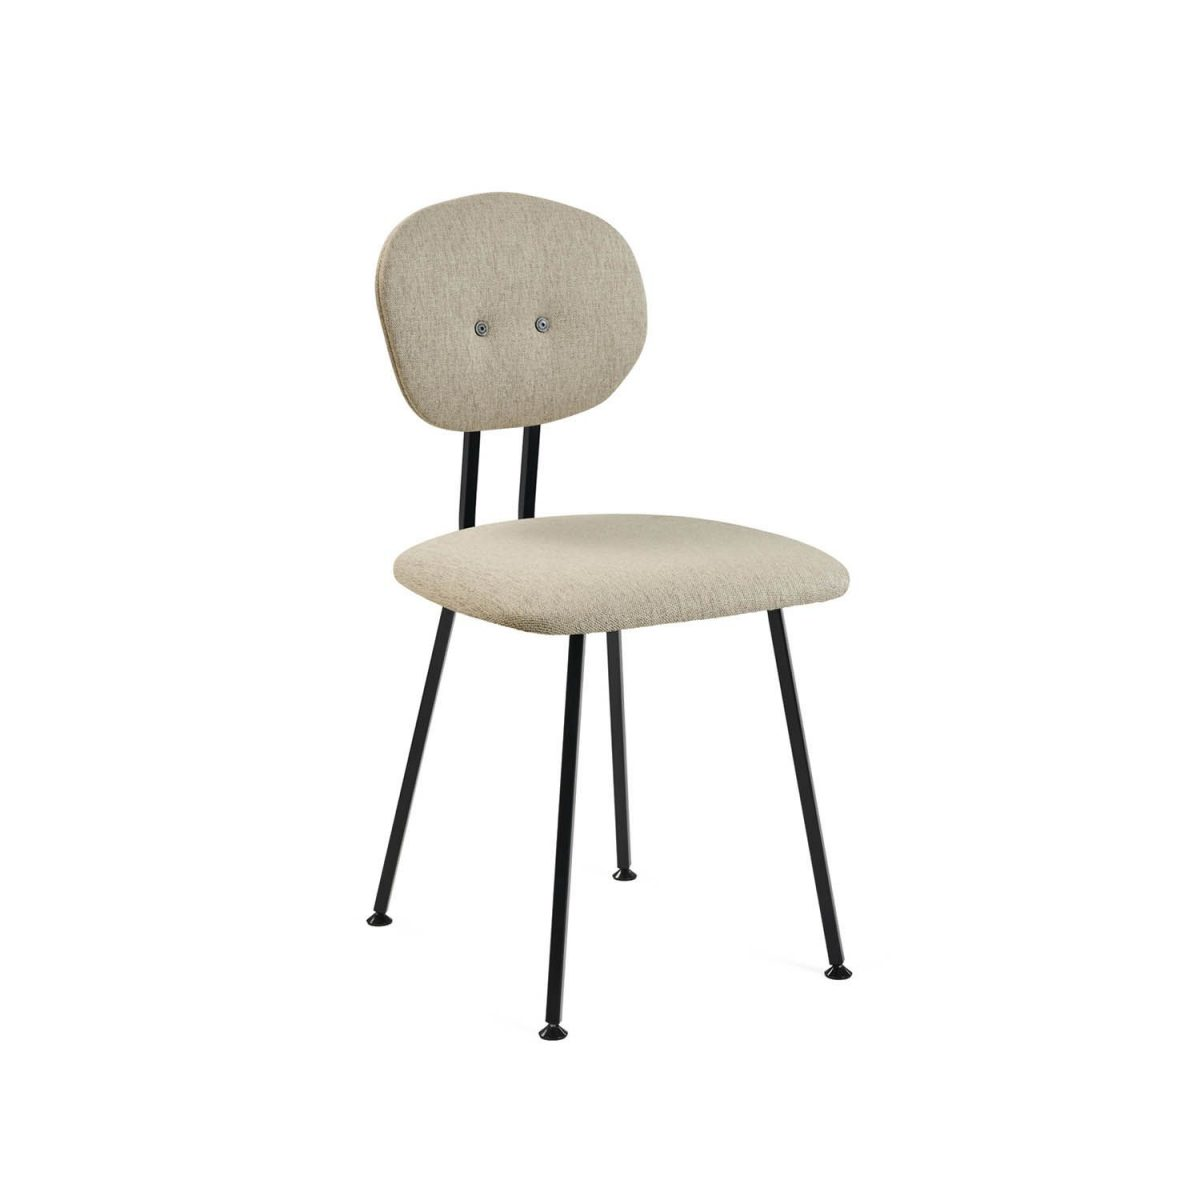 H Maarten Baas Projectstoel Kantoor Thuis Dutch Design Ontwerp Stoel Ecru